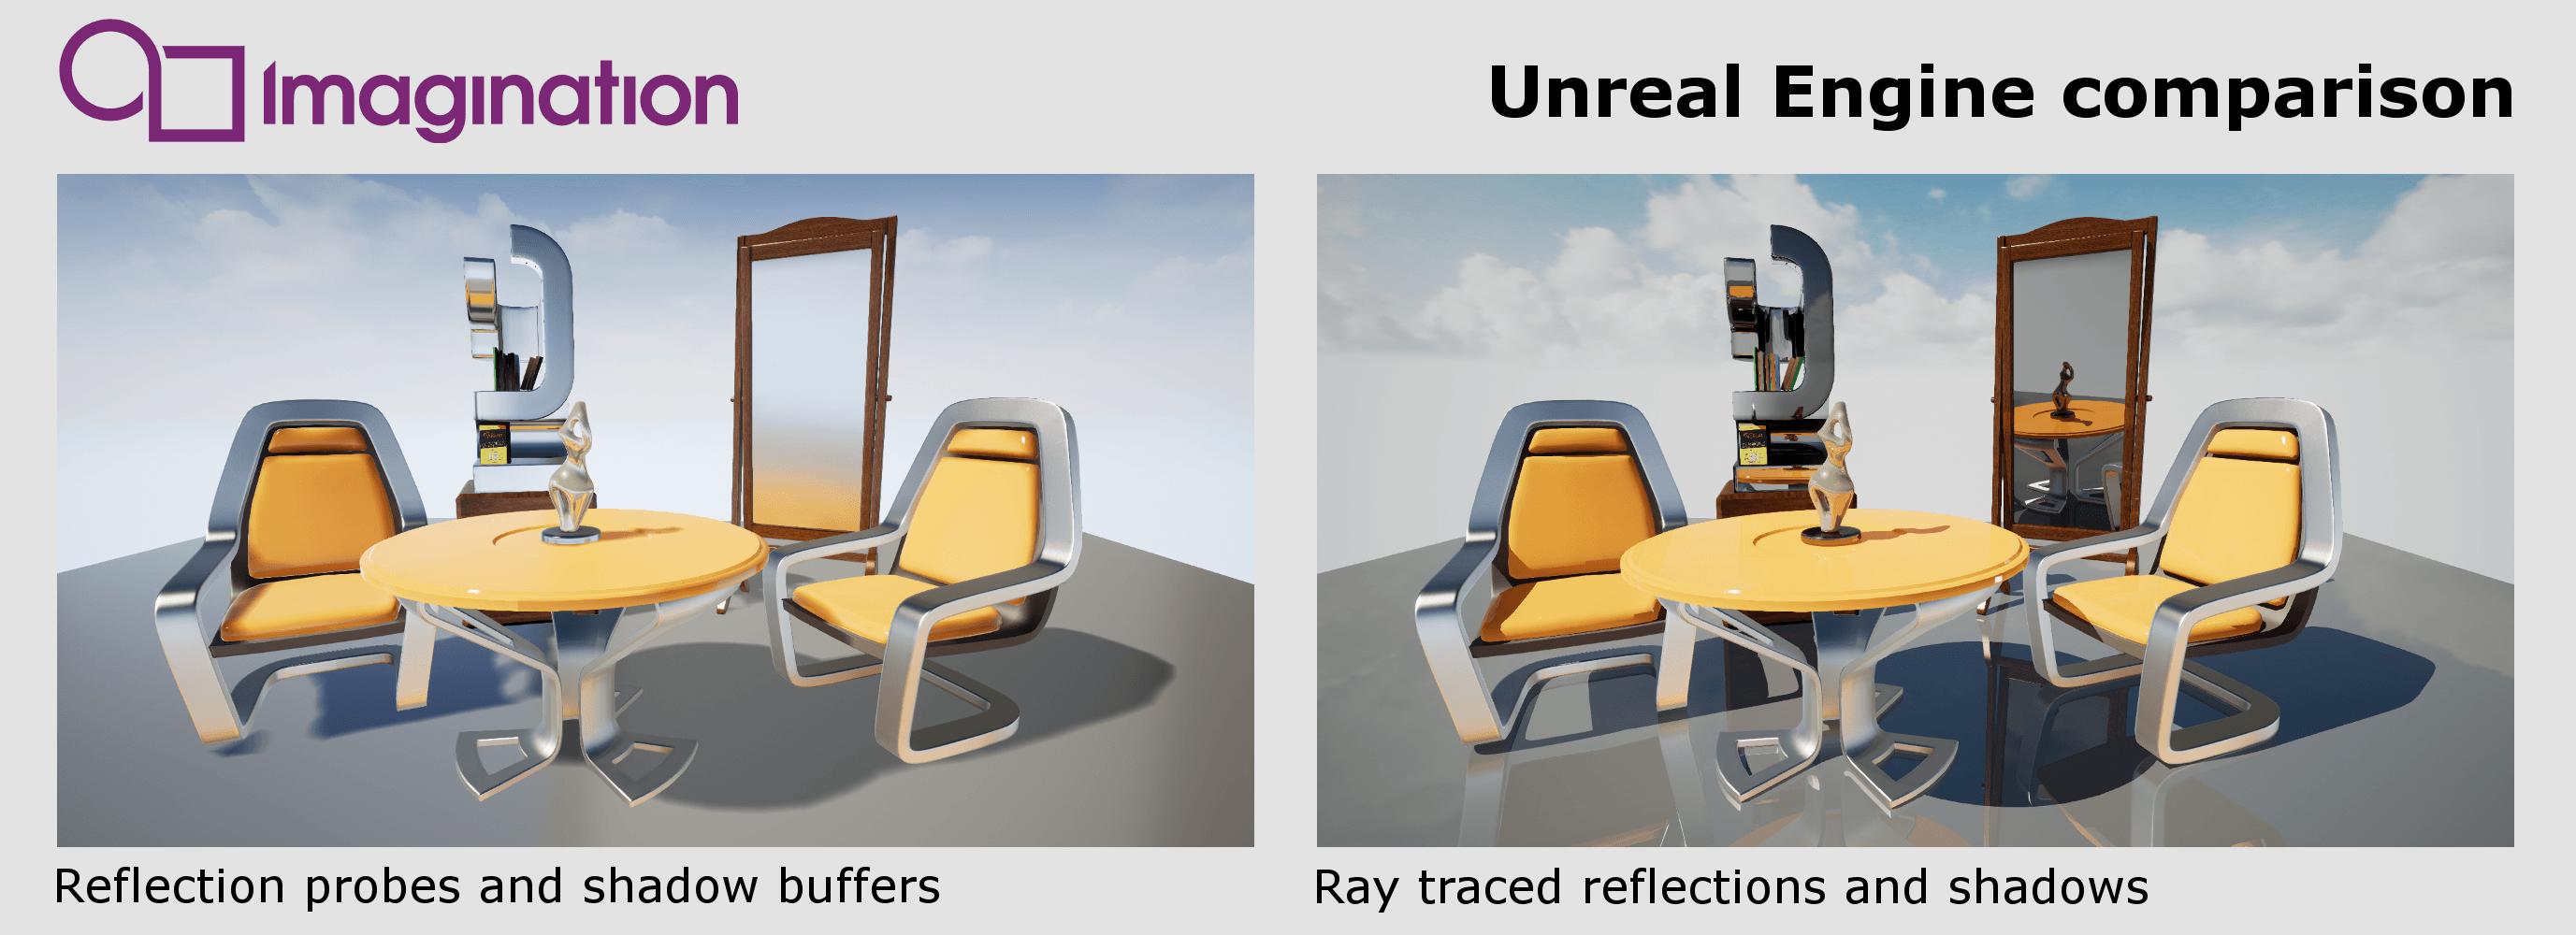 Obrázok ukazuje porovnanie scény, v ktorej je použitý ray tracing oproti štandardnému vykresľovaniu.